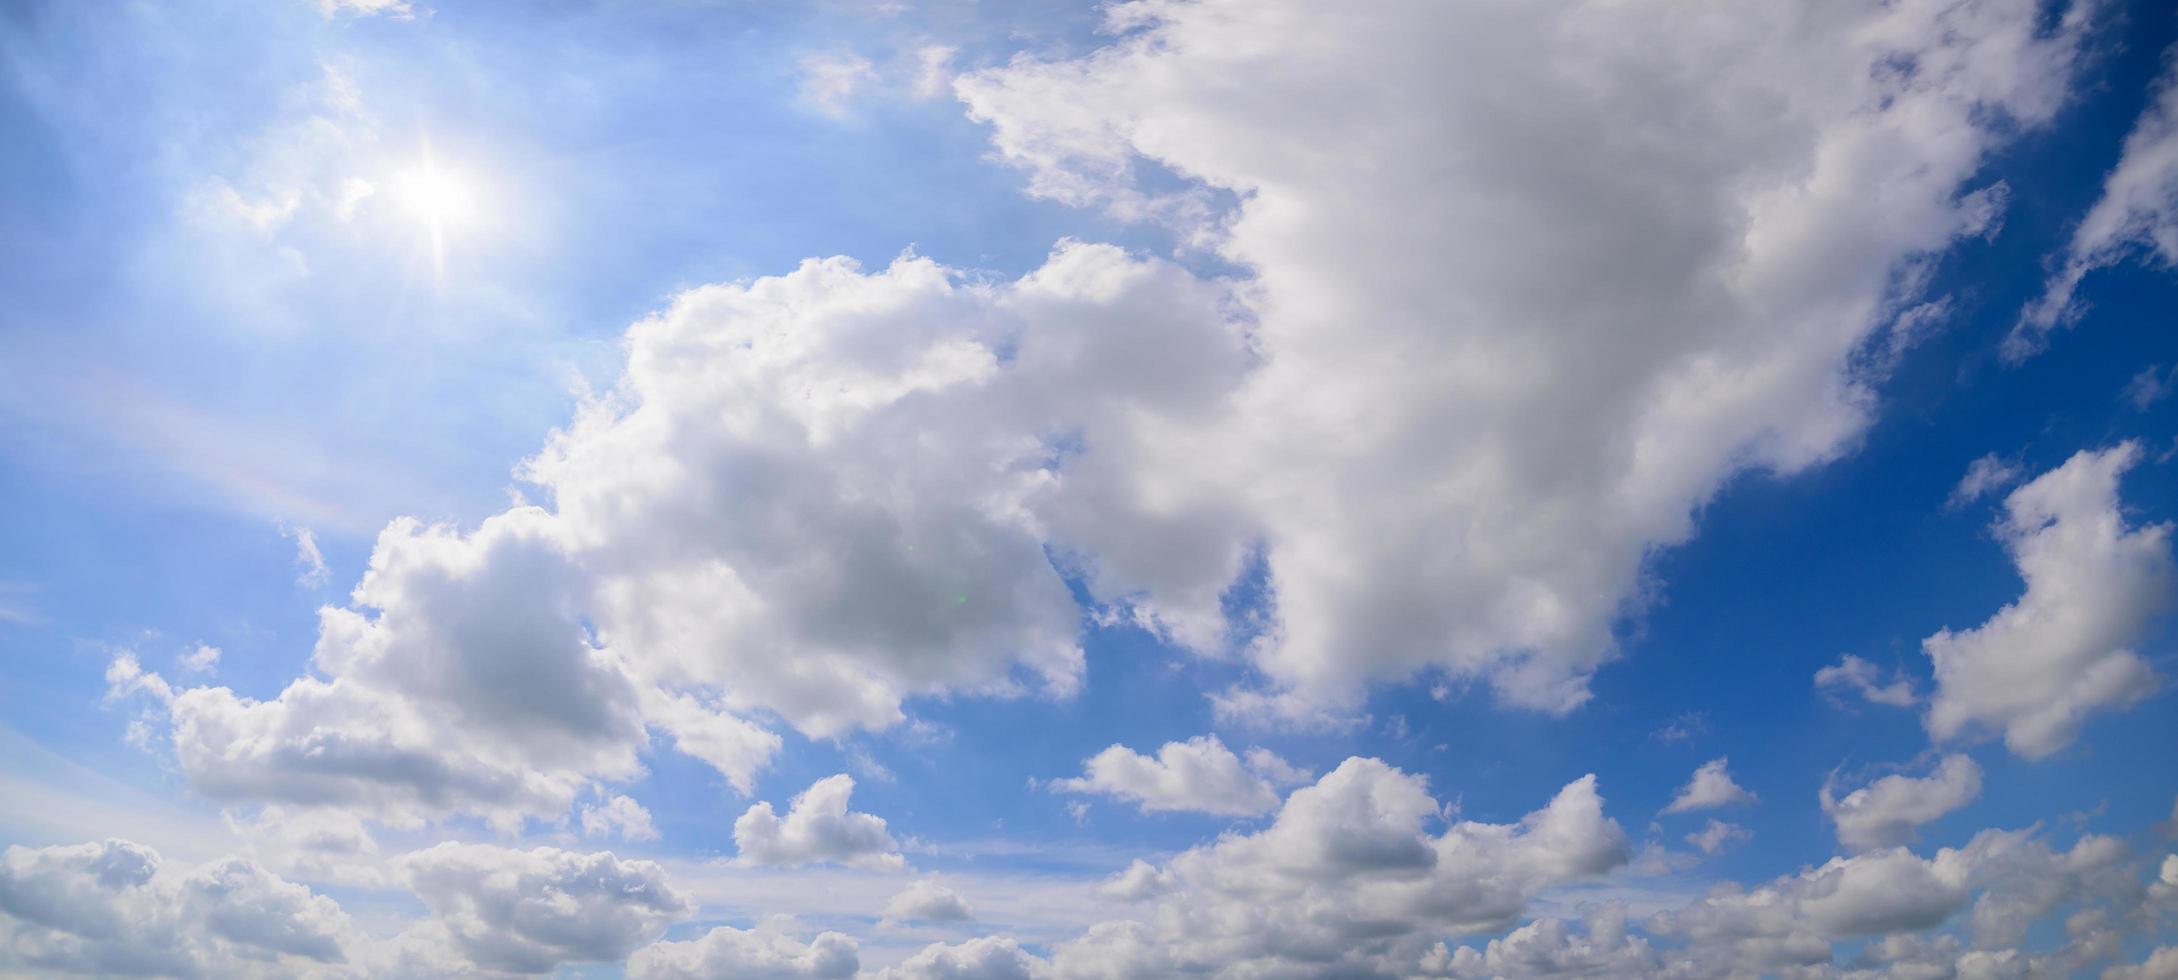 cielo de nubes durante el día foto